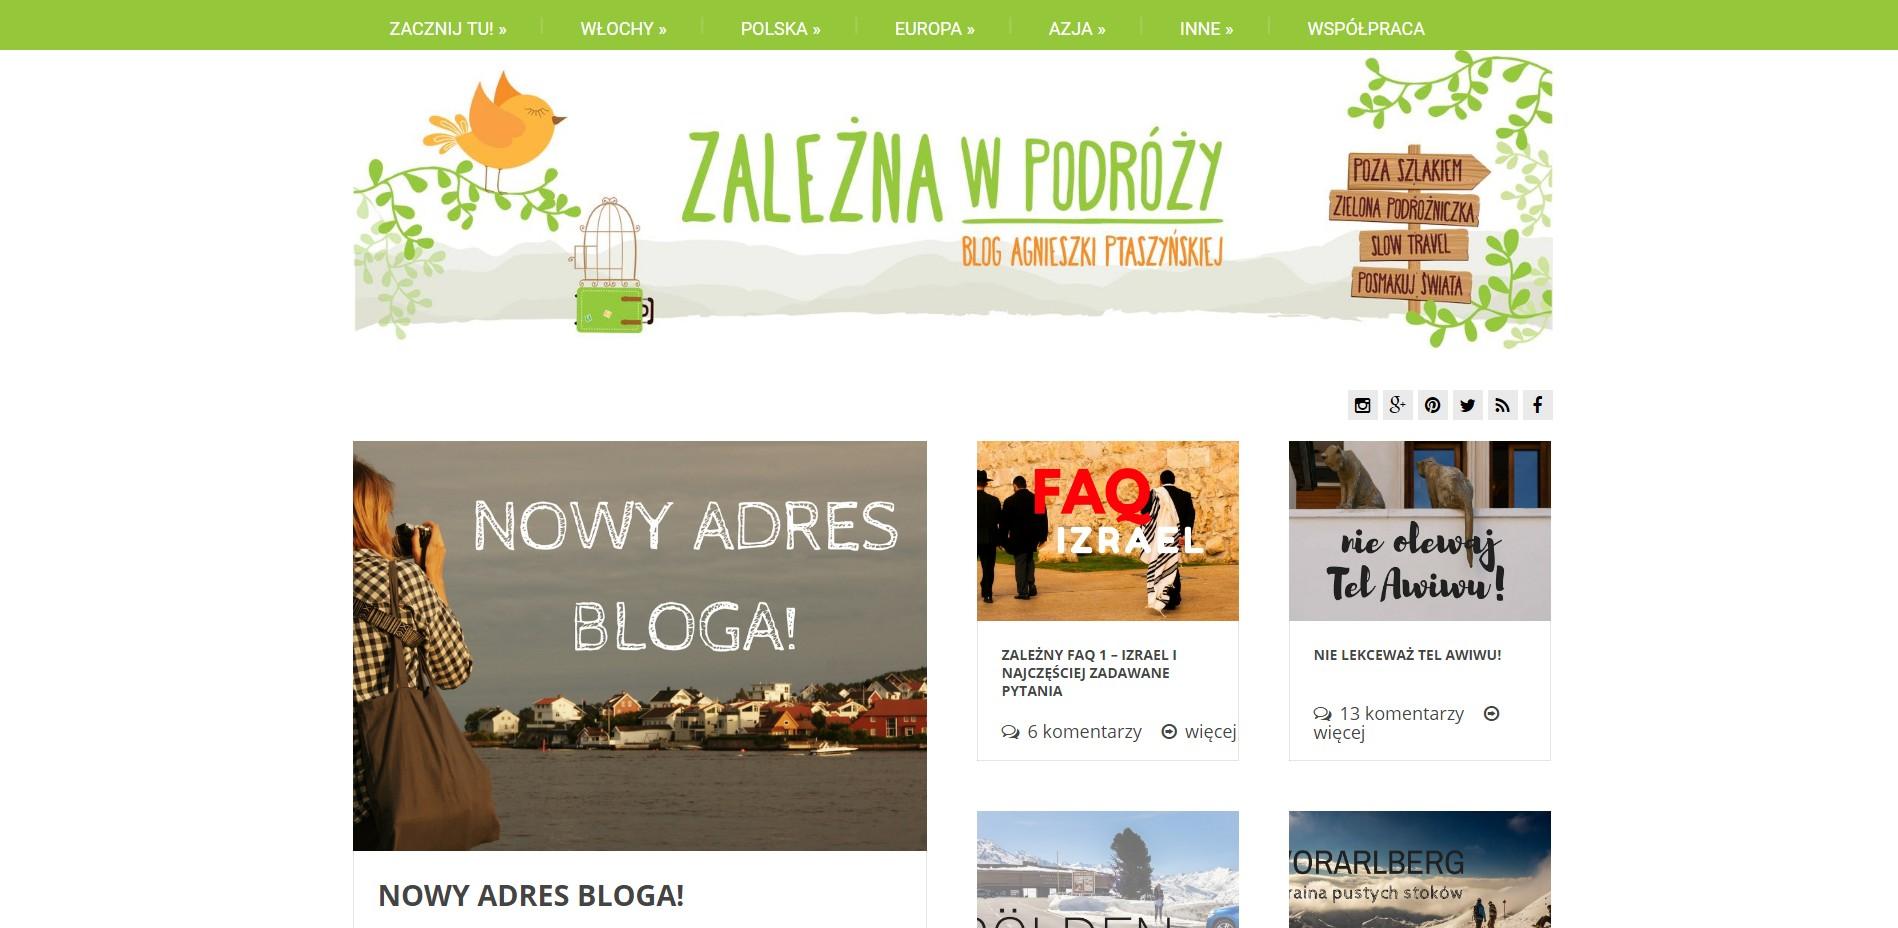 Blog podróżniczy pozornie-zalezna.blog.pl